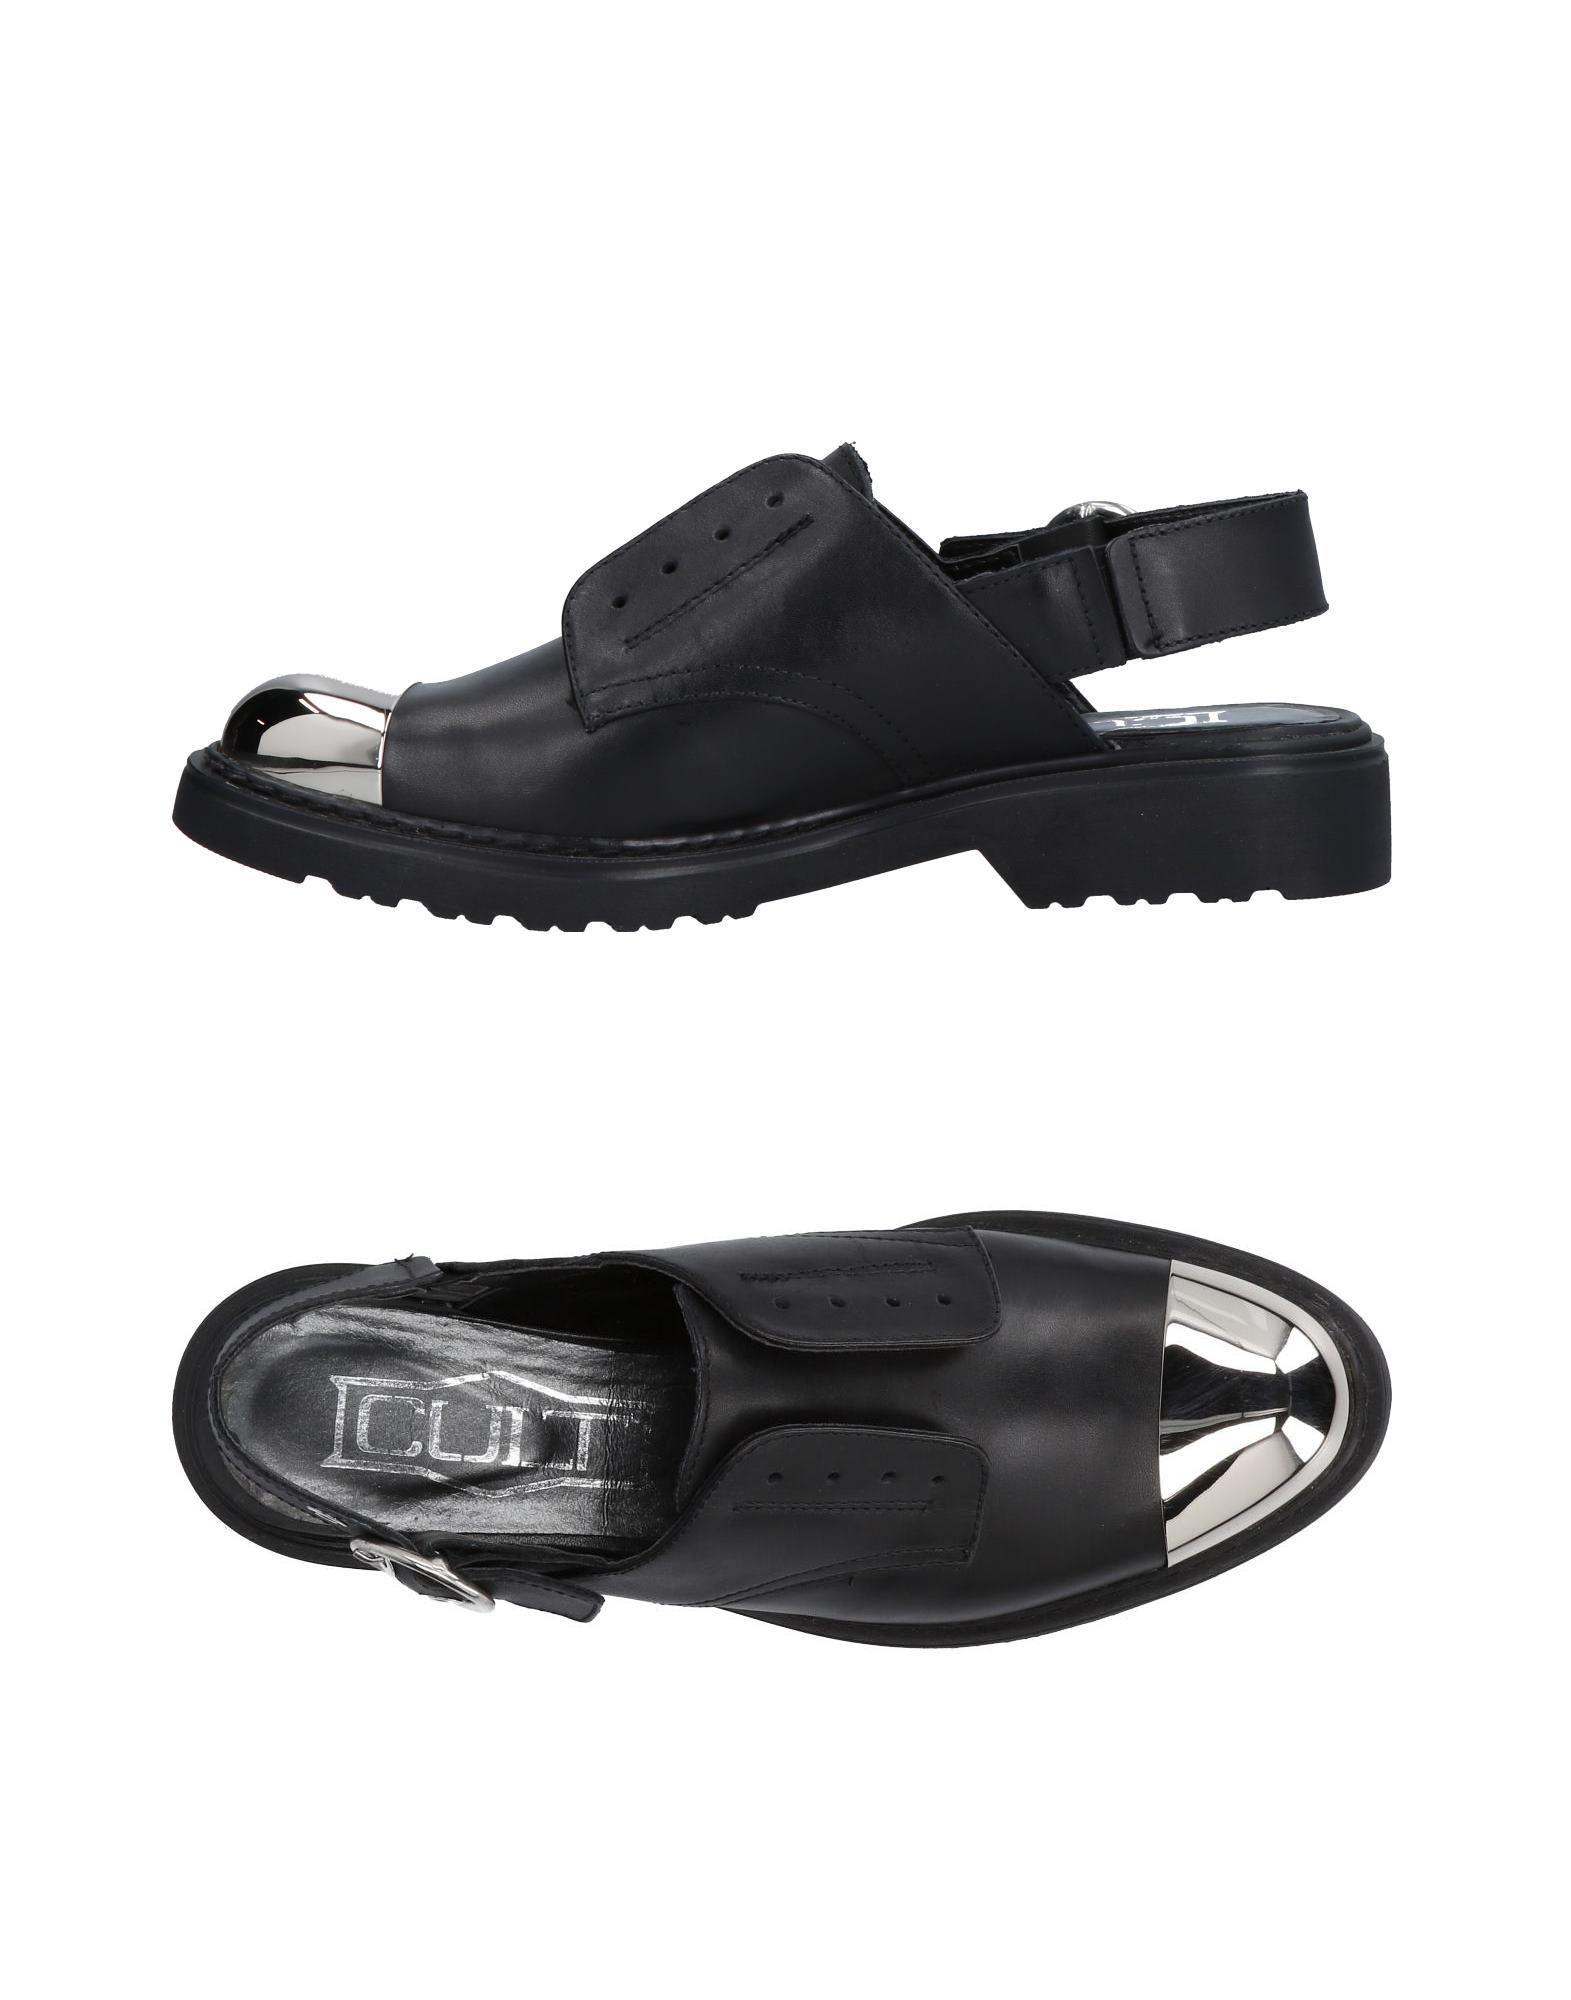 Cult Pantoletten Damen  11473185FN Gute Qualität beliebte Schuhe